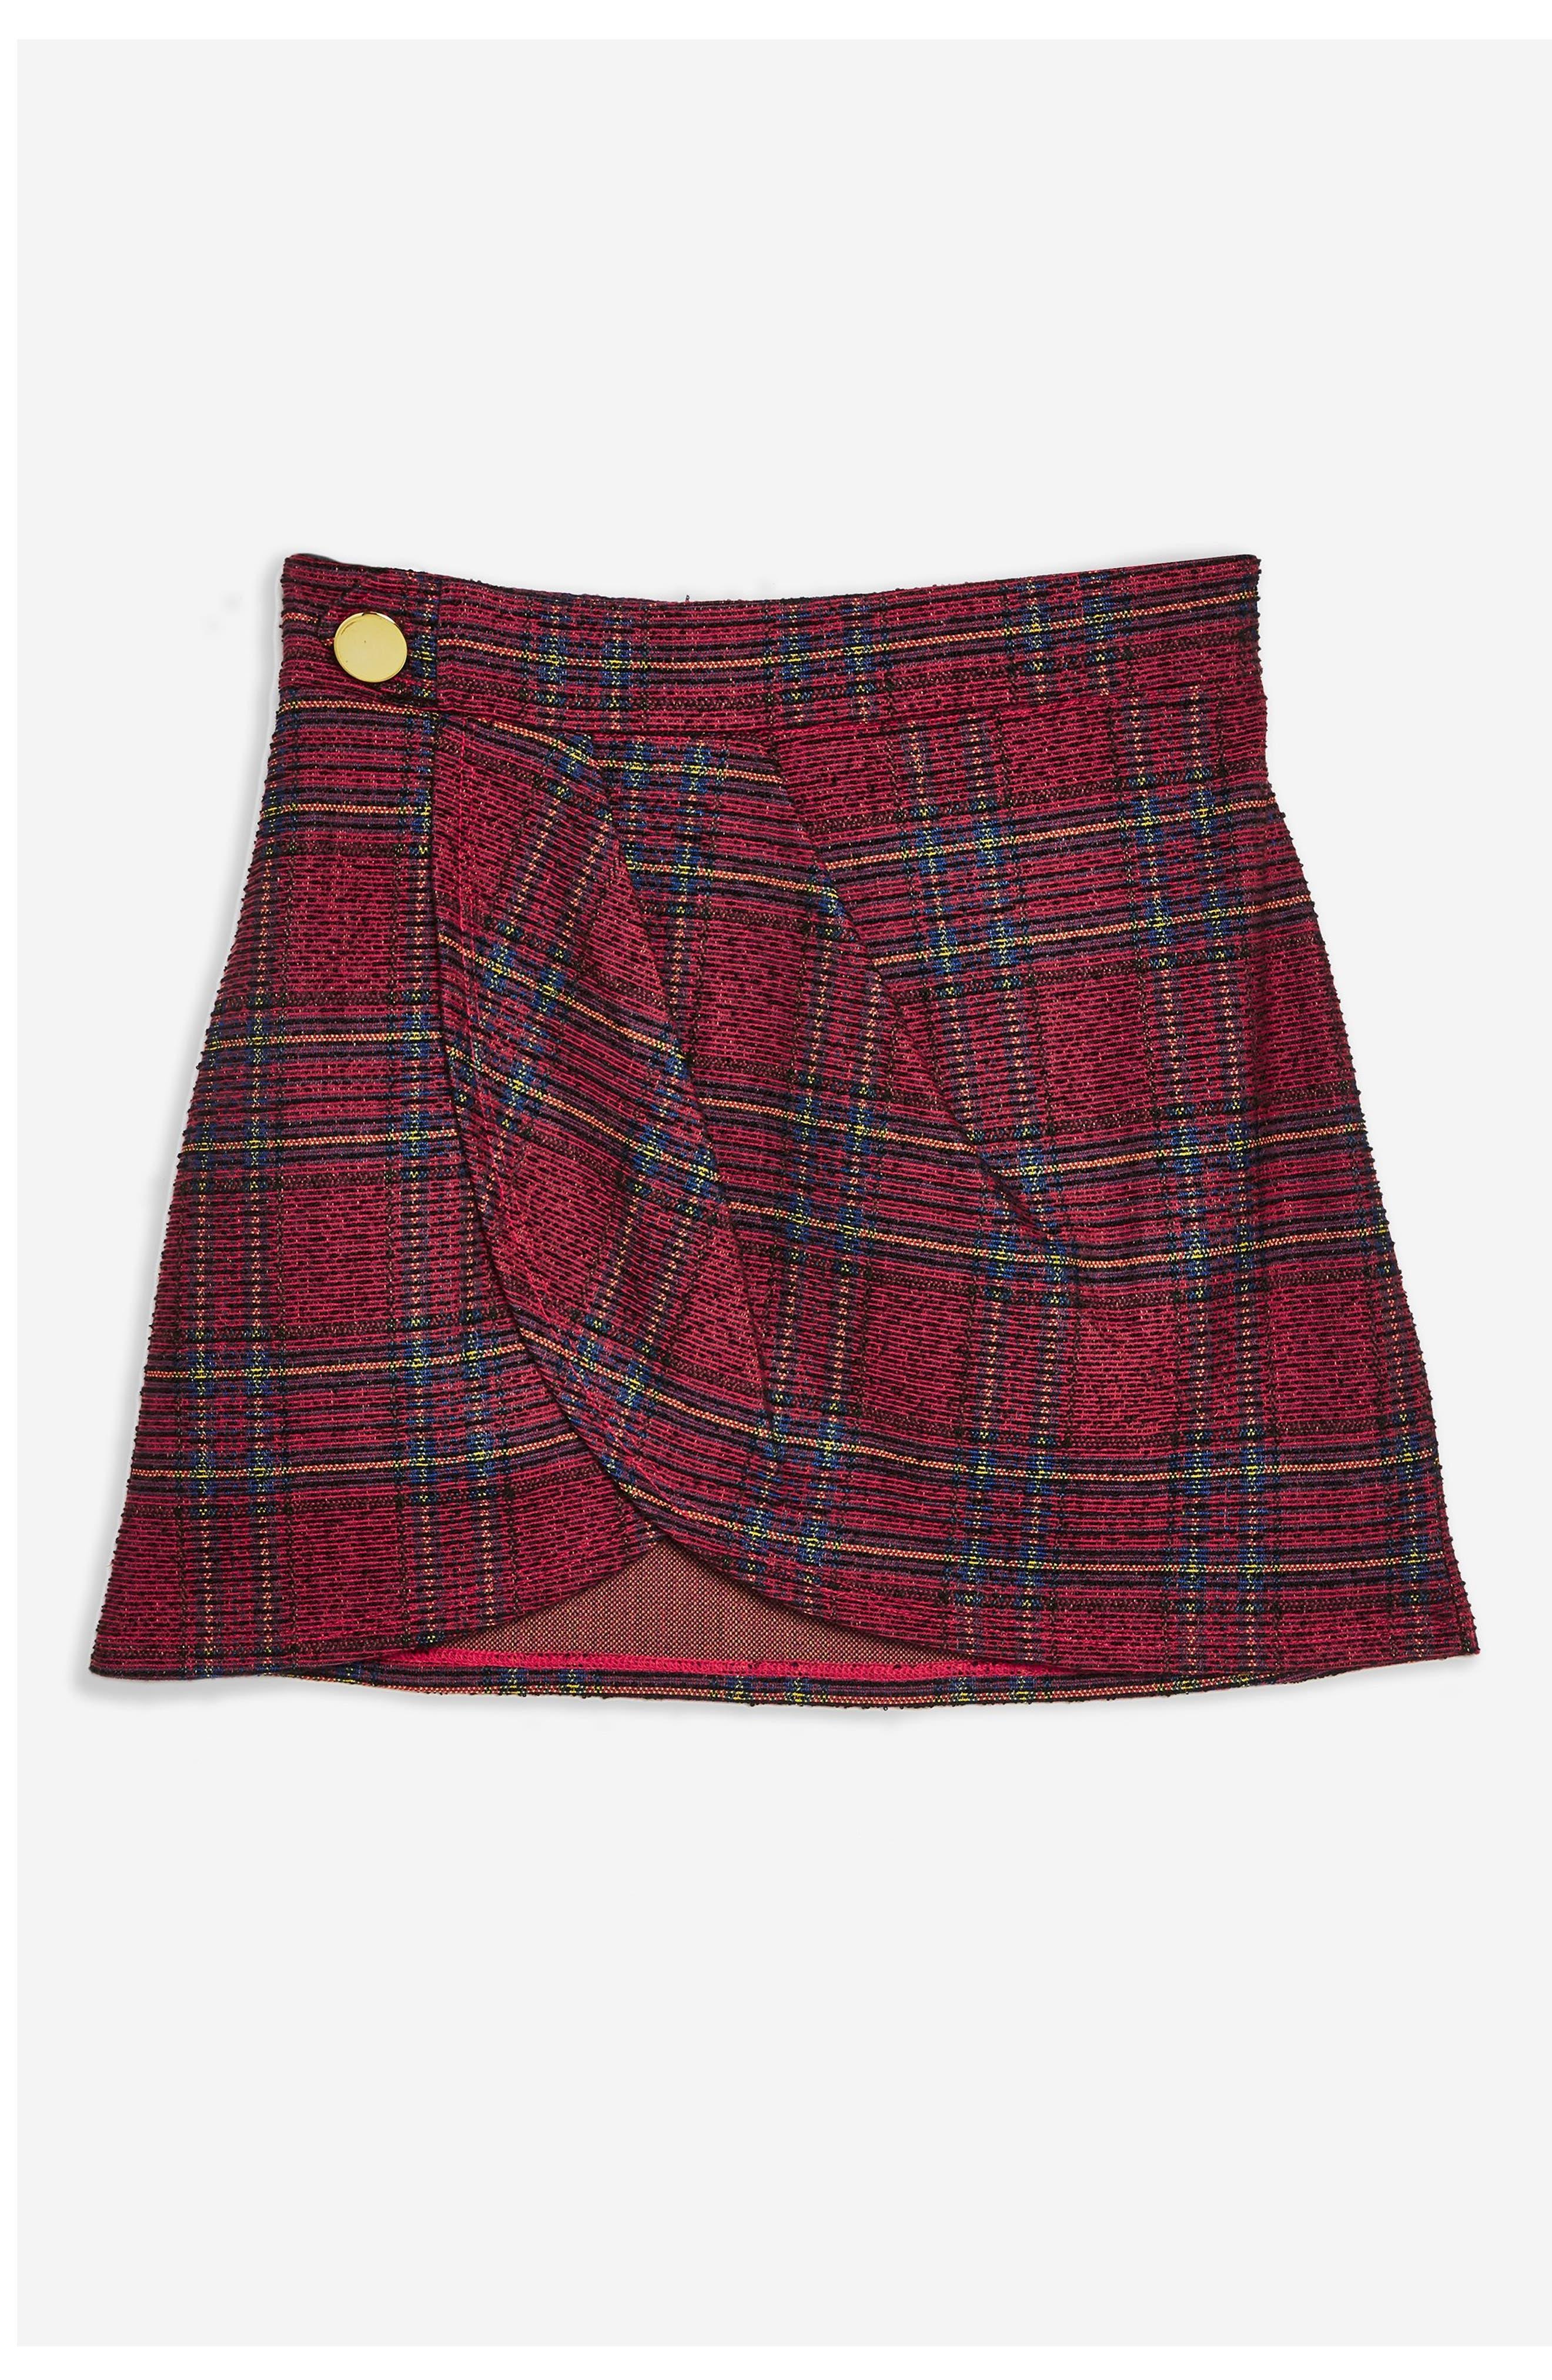 TOPSHOP,                             Tartan Bouclé Miniskirt,                             Alternate thumbnail 4, color,                             RED MULTI